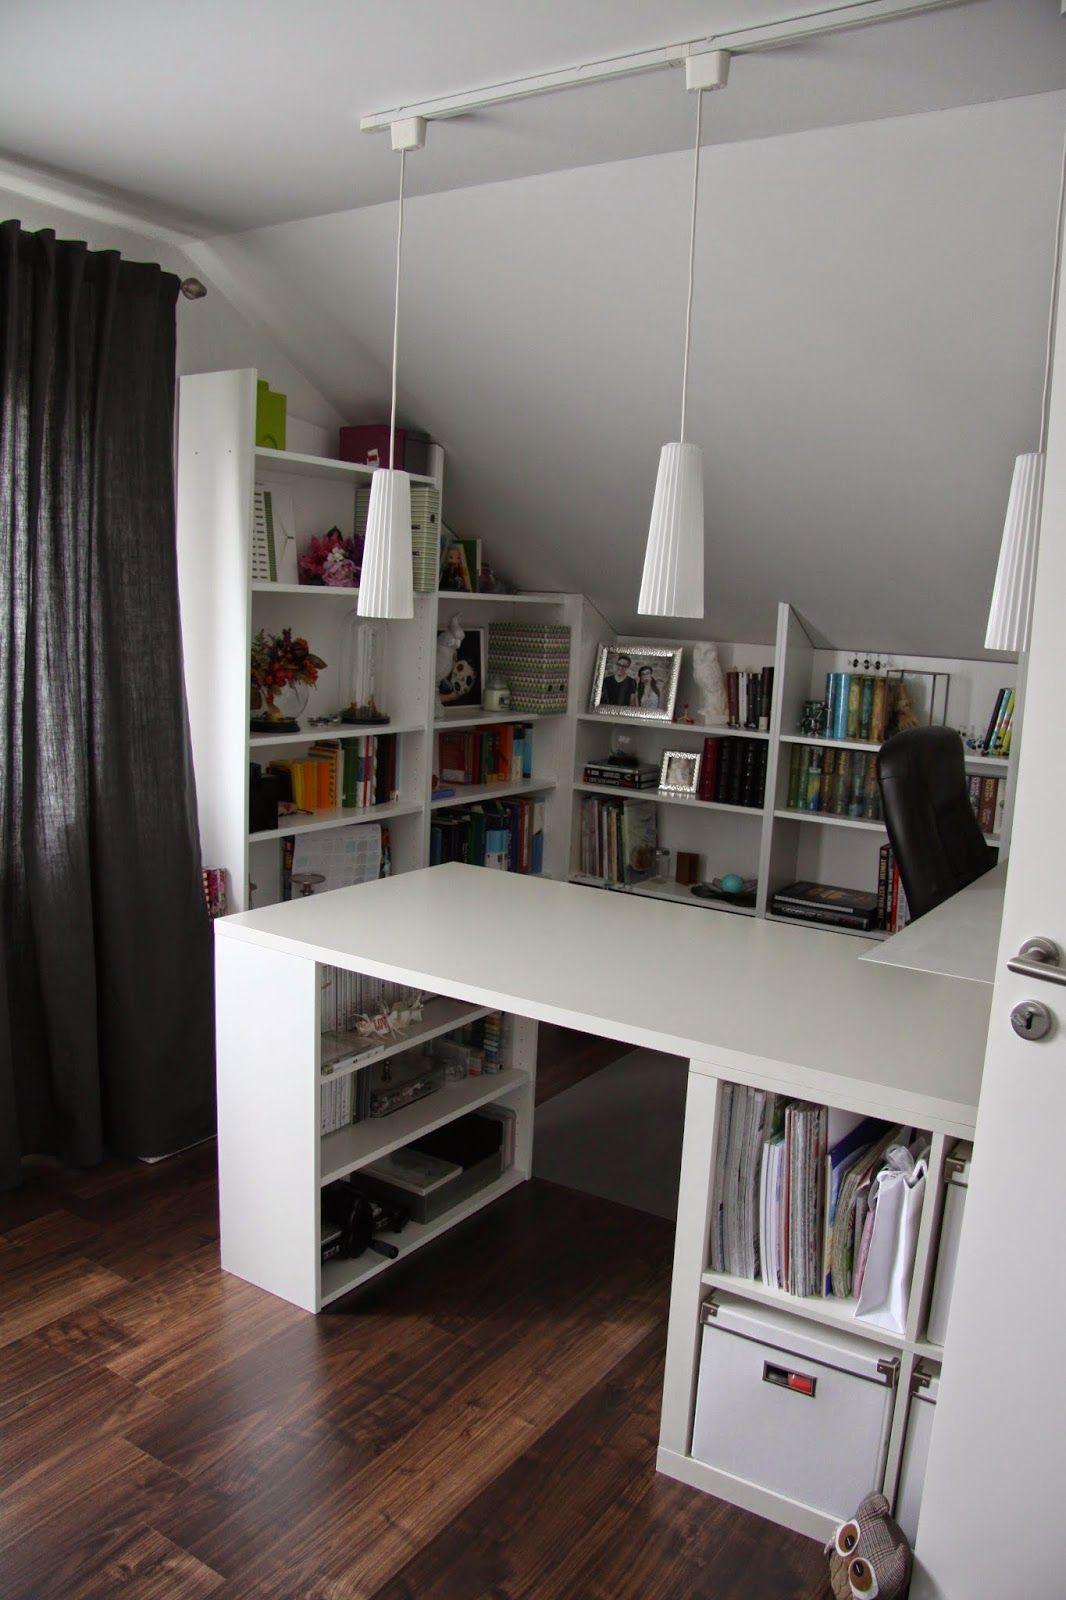 lenky verzickt bastelzimmer organisation ordnung ist das halbe leben oder so hnlich. Black Bedroom Furniture Sets. Home Design Ideas